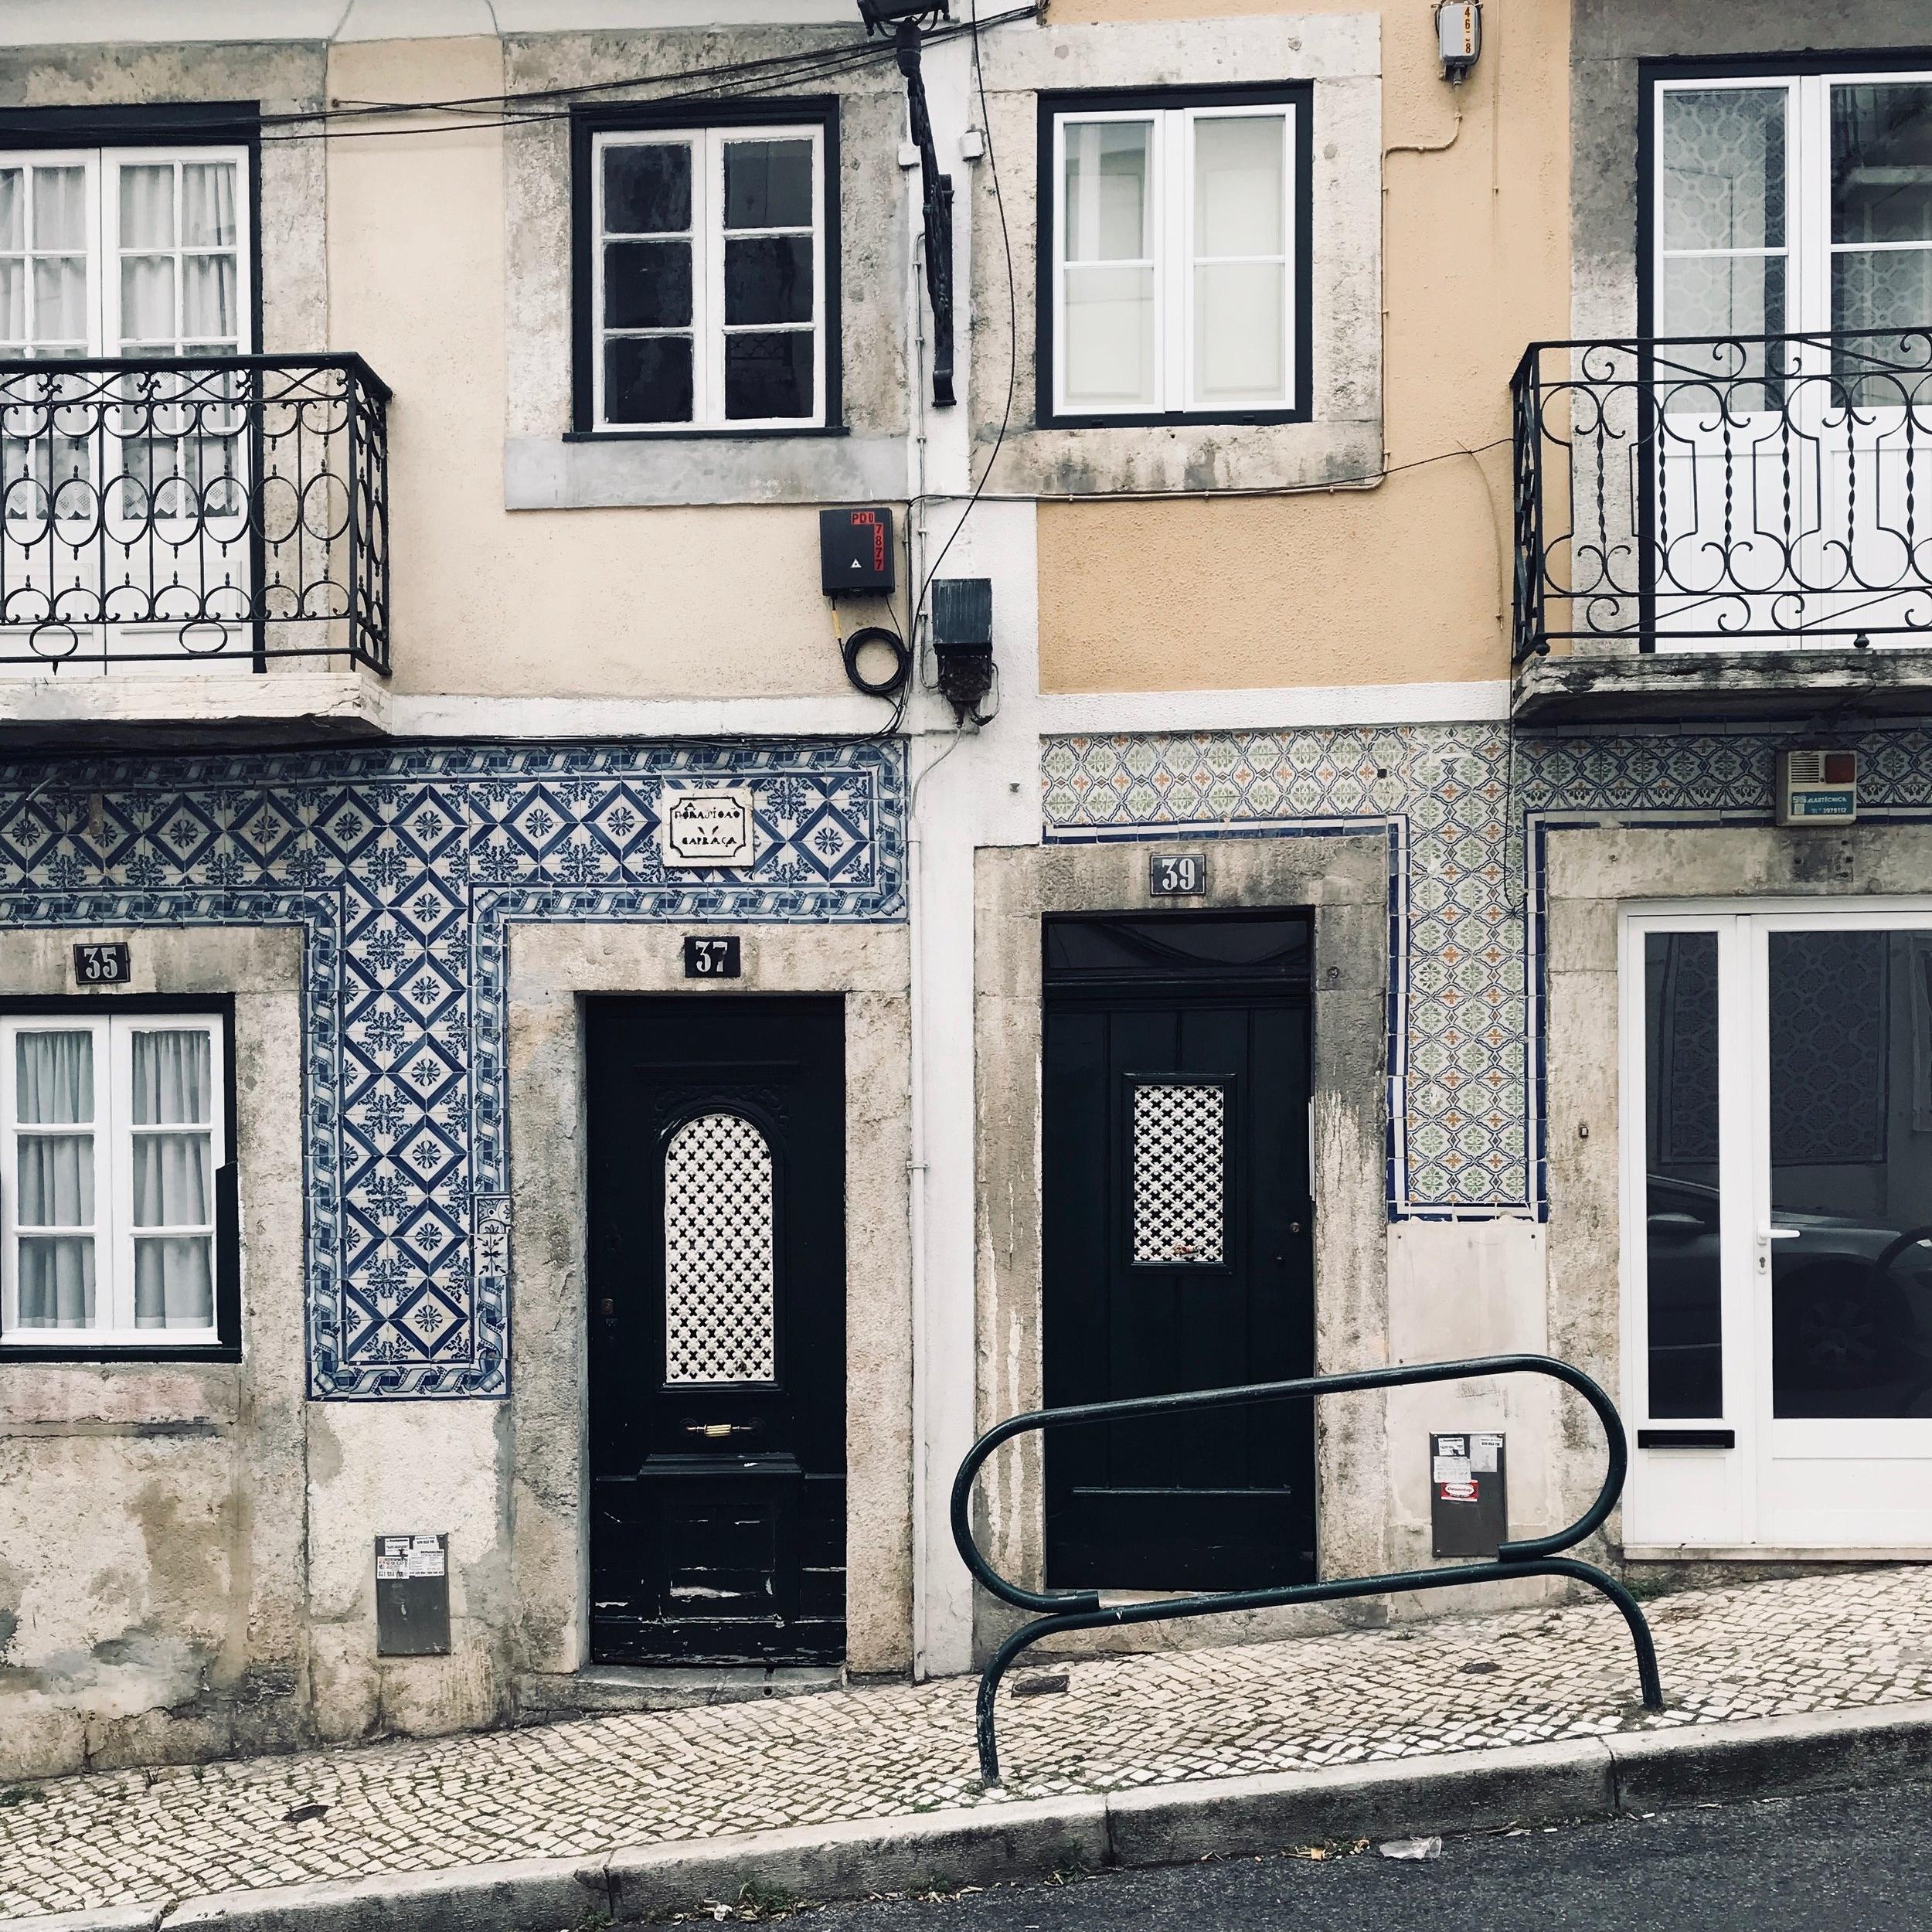 Lisbon's tiled façades